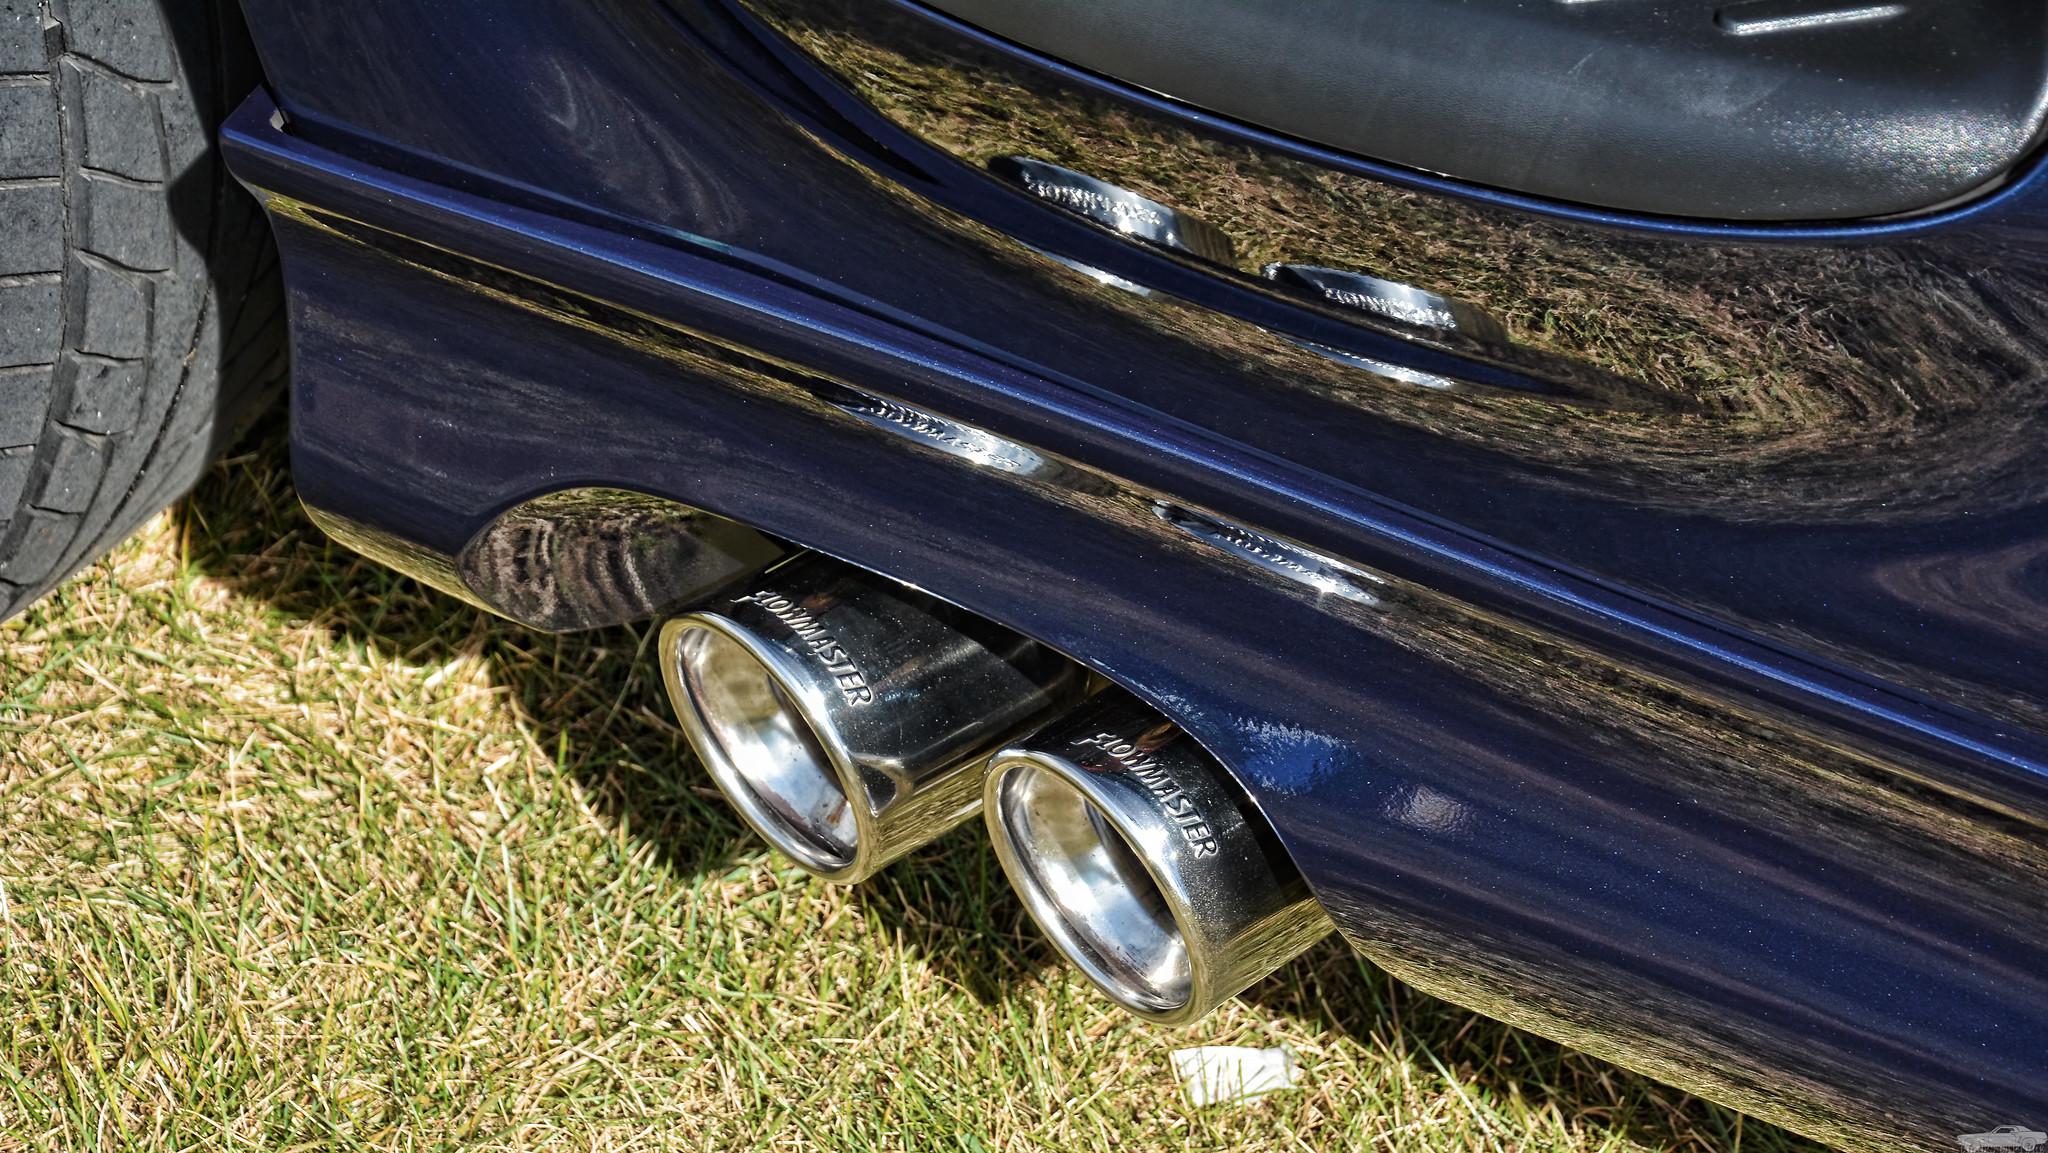 2002 Ford SVT Lightning Exhaust Tips